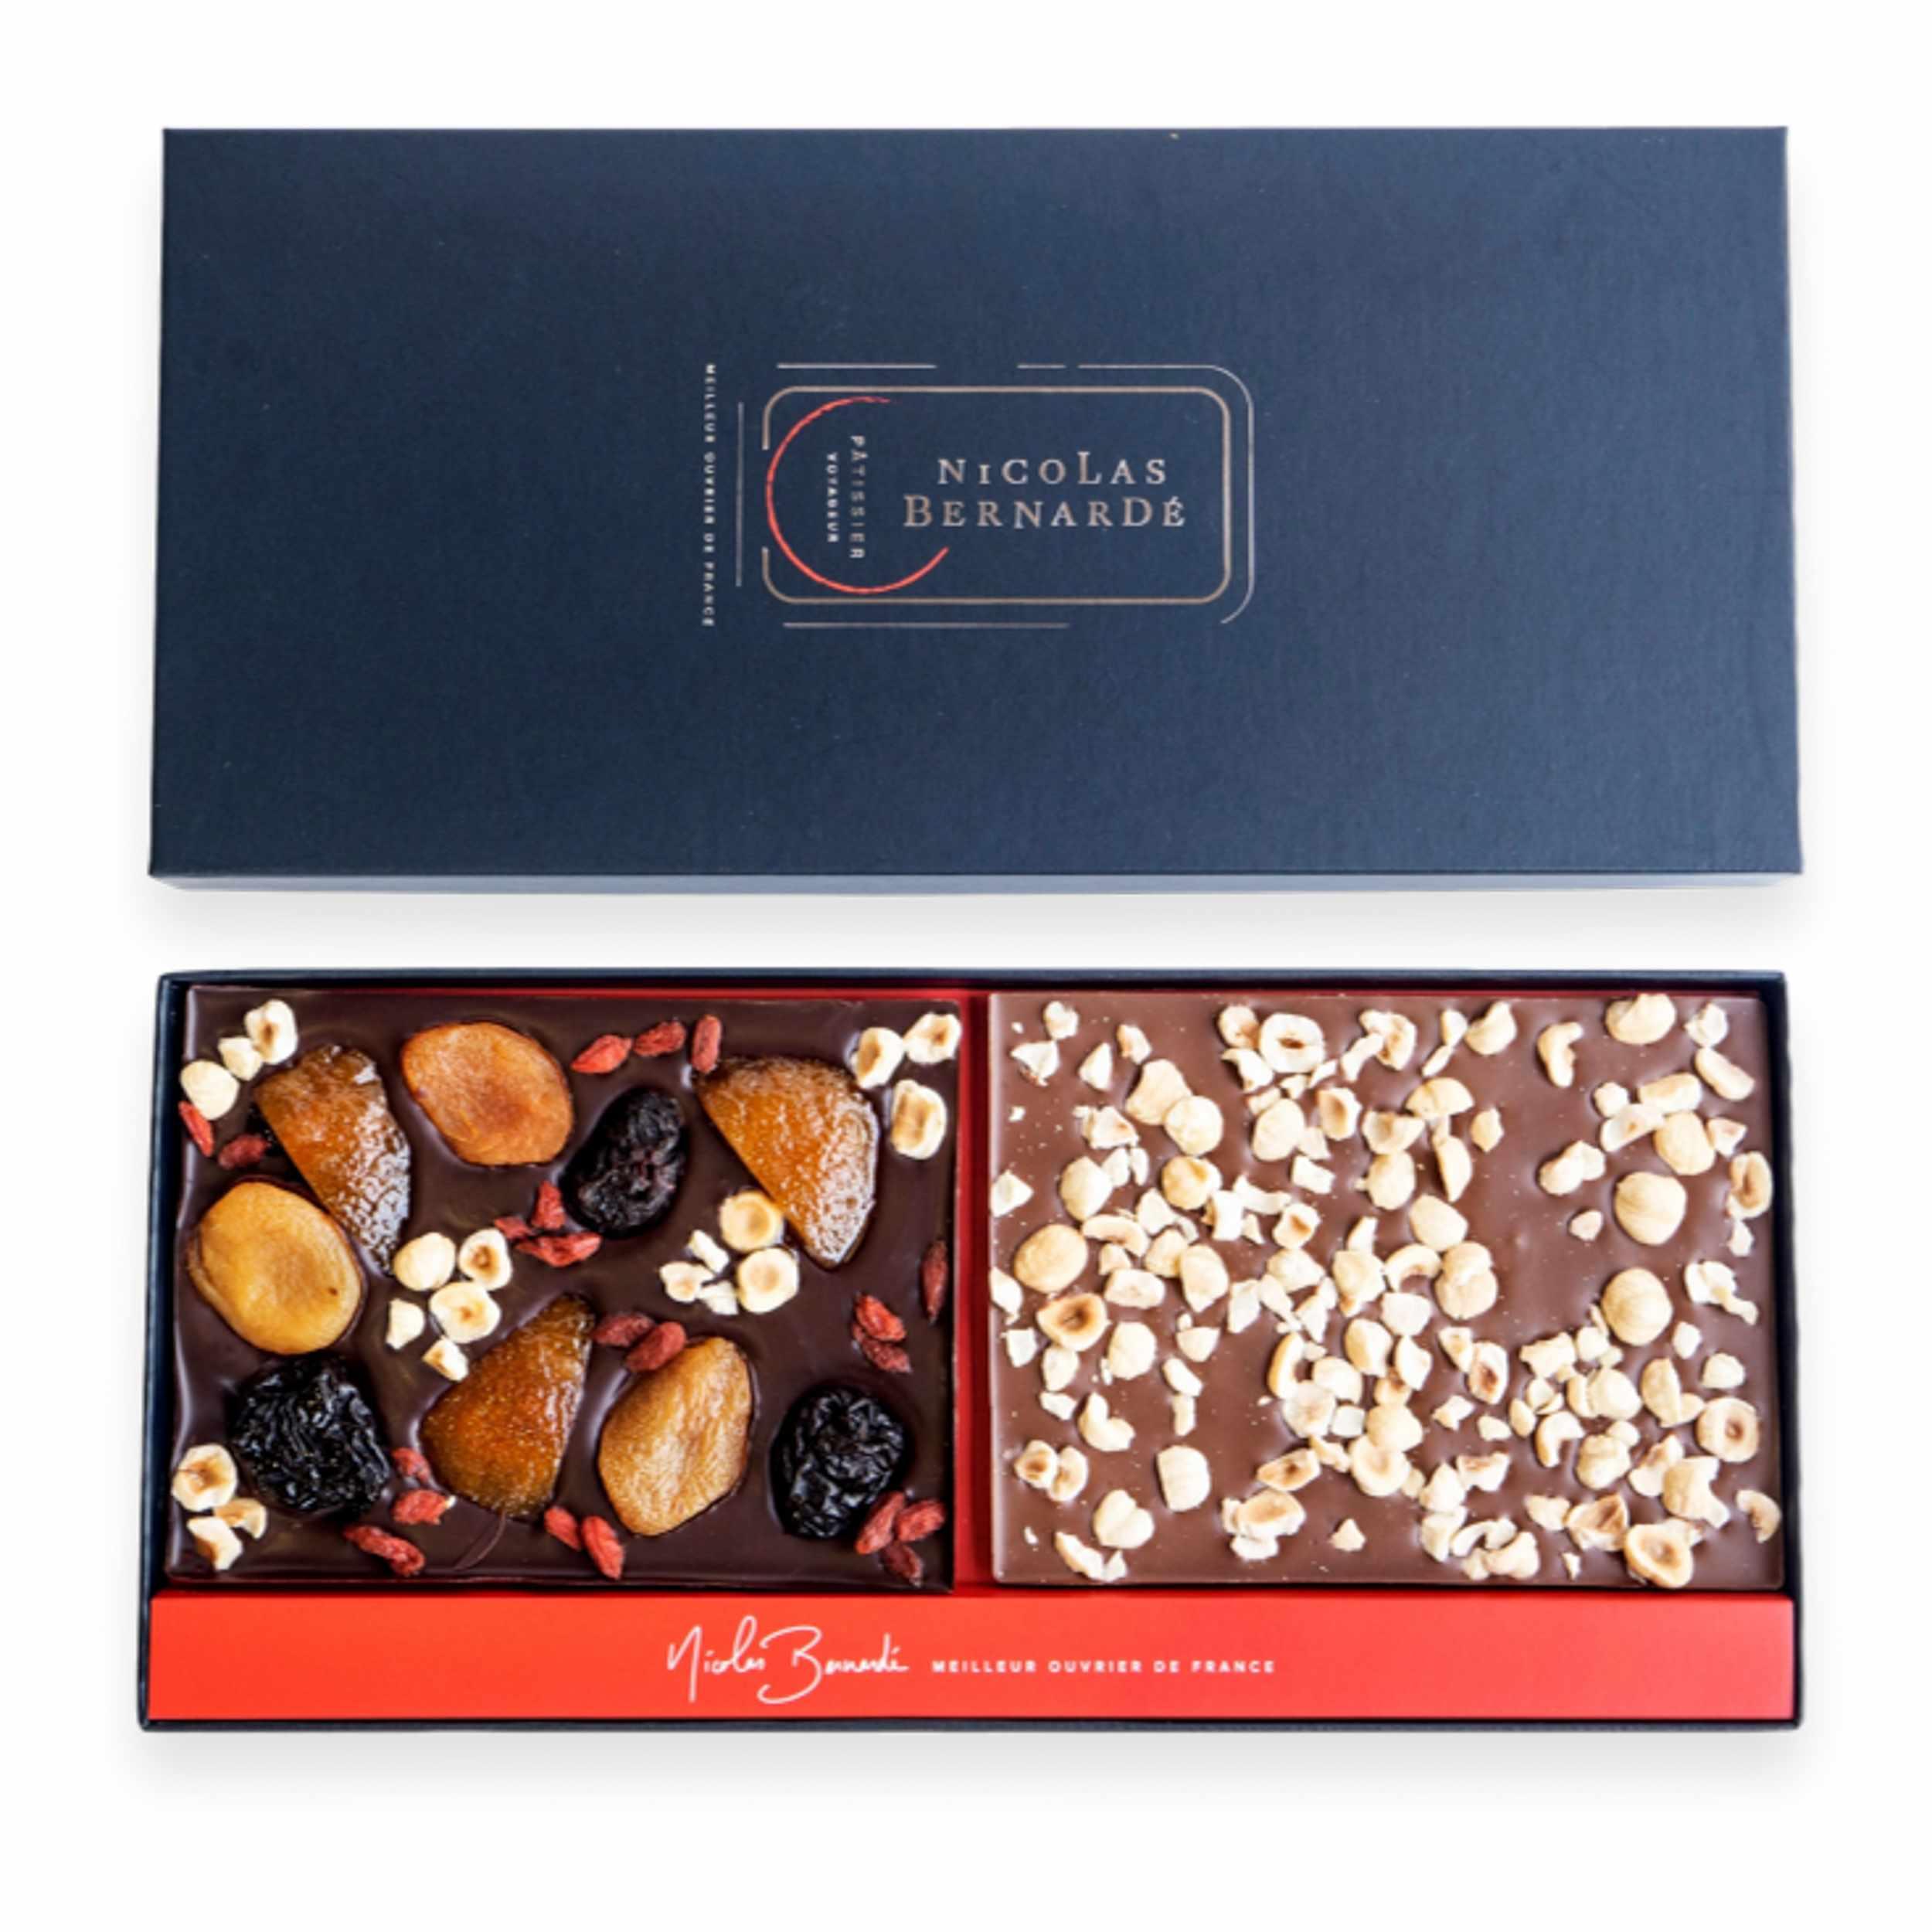 Tablette chocolat fruits confits et noisettes